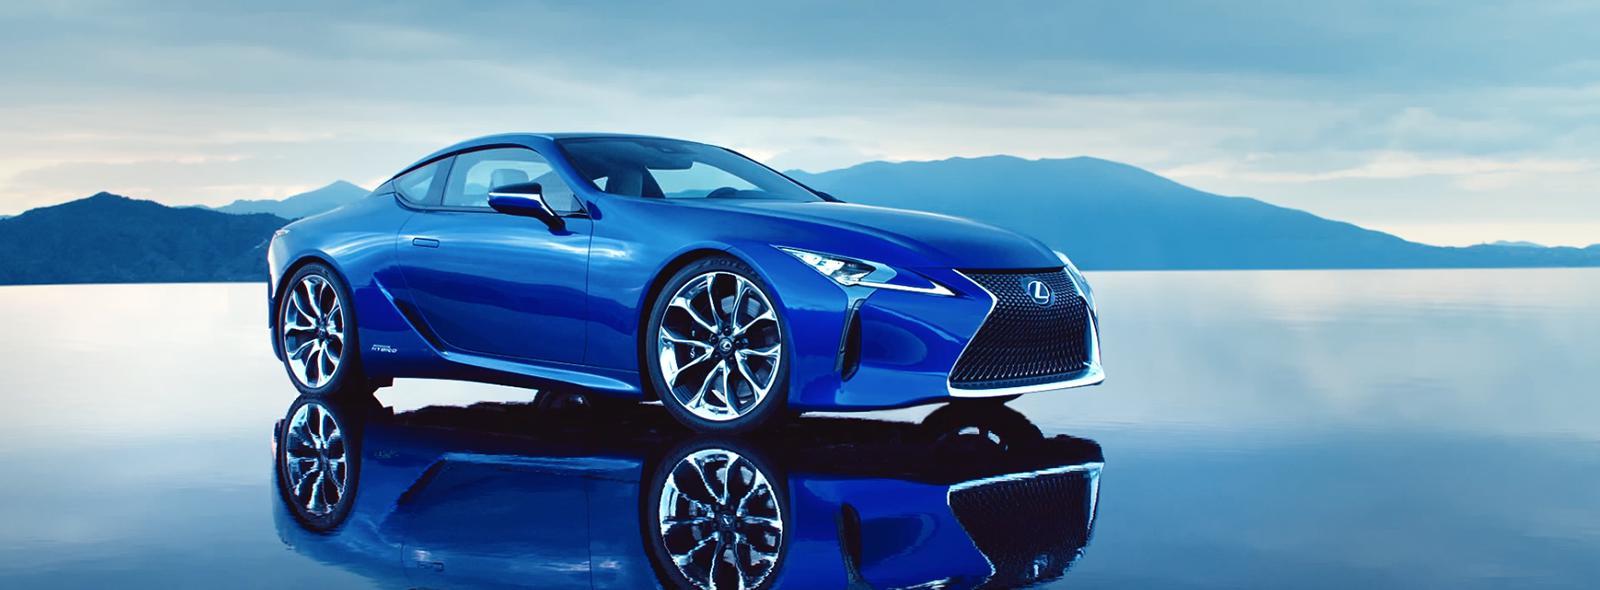 Vista general del video presentación del modelo en azul